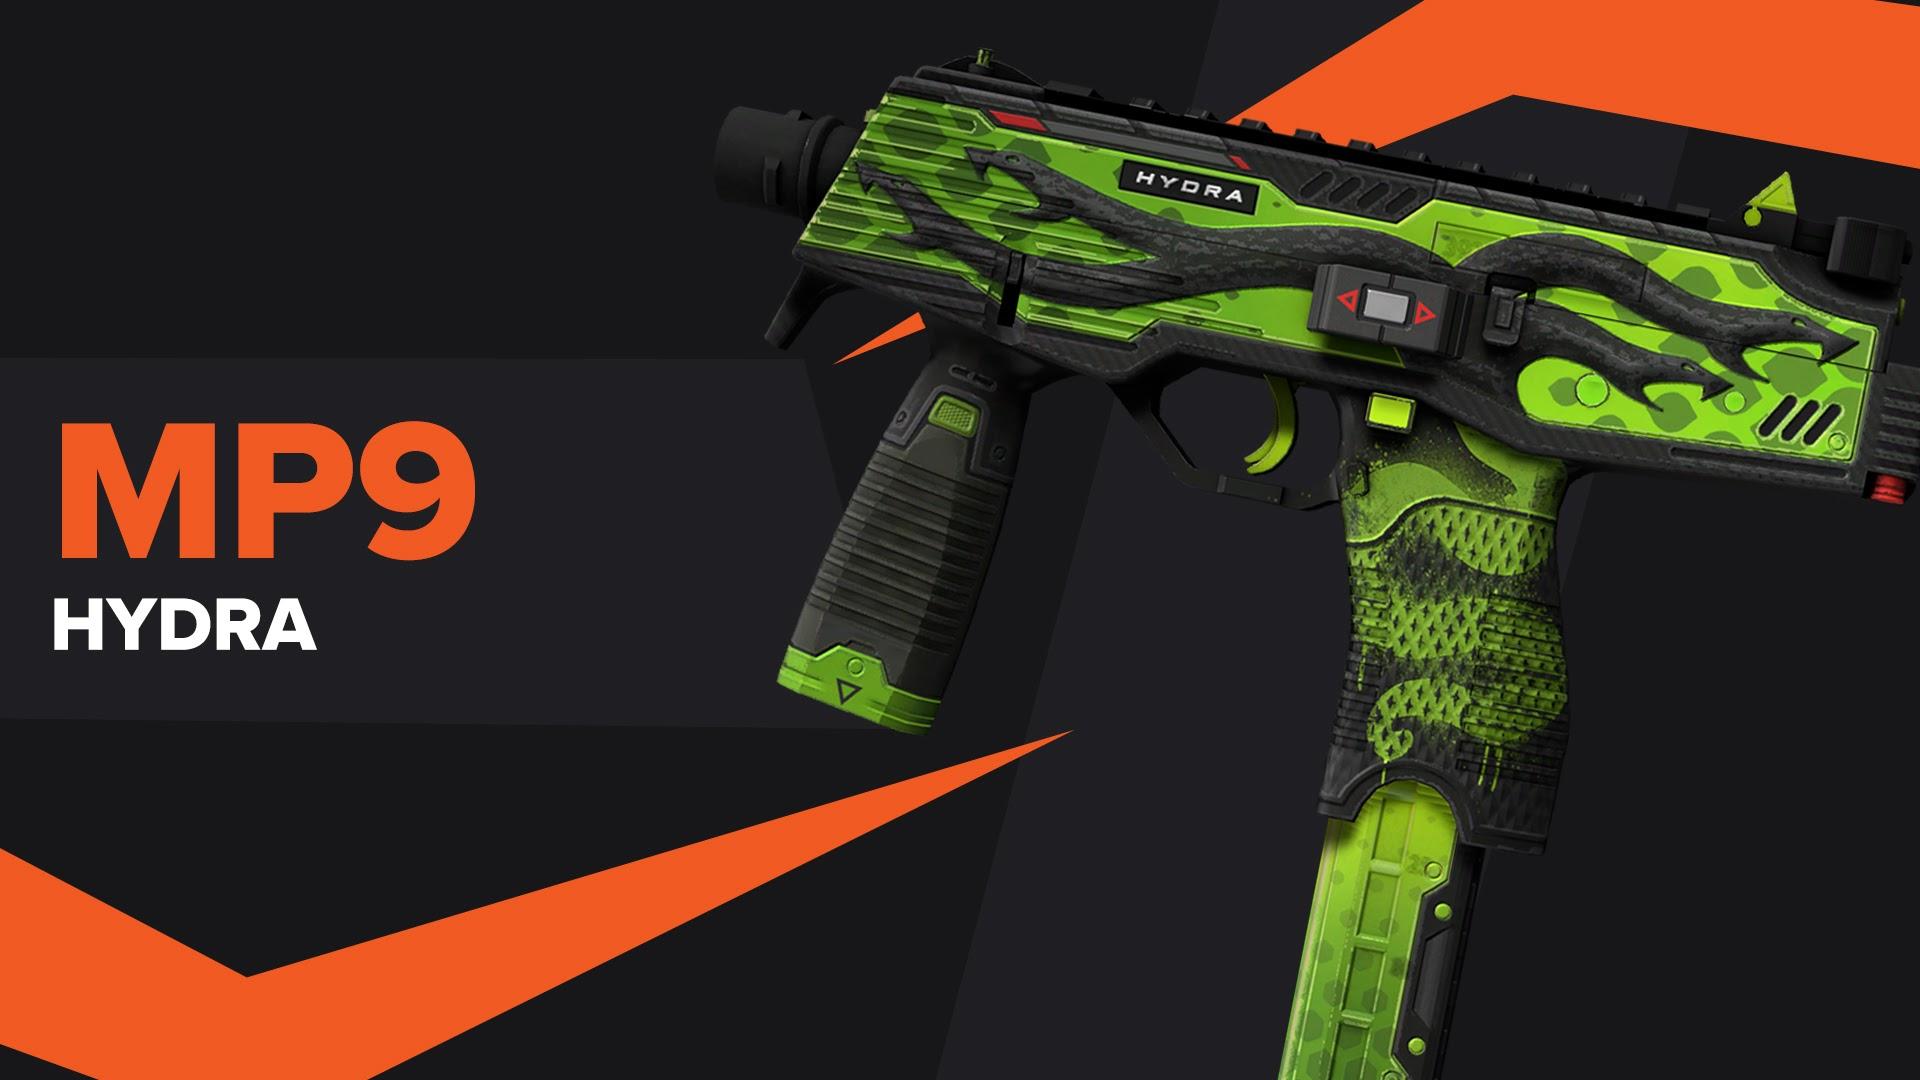 MP9 Hydra CSGO Skin